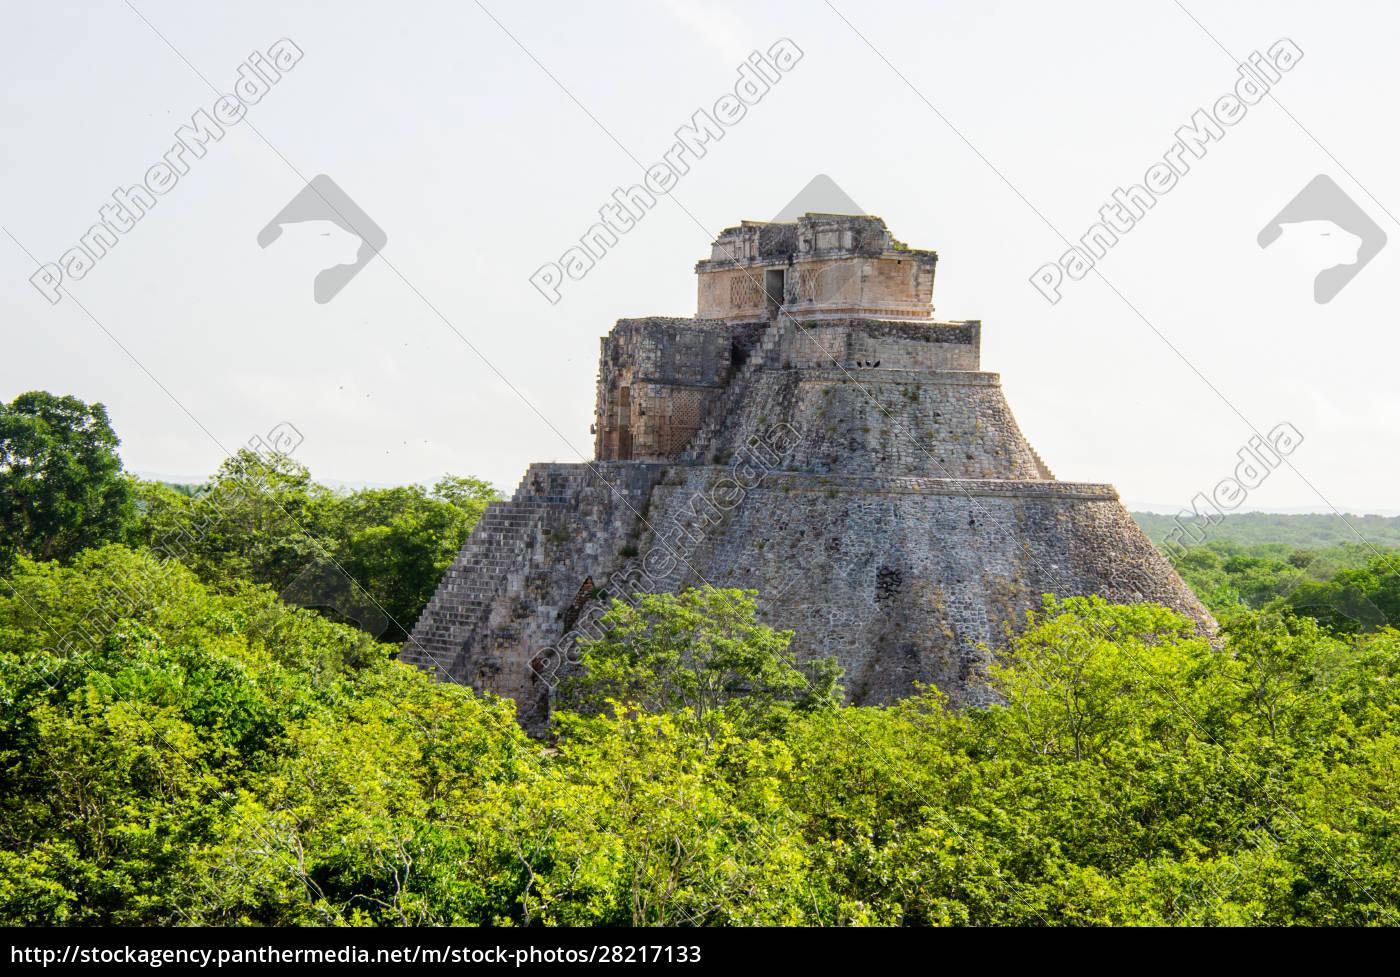 mayan, pyramid, peeking, out, of, the - 28217133